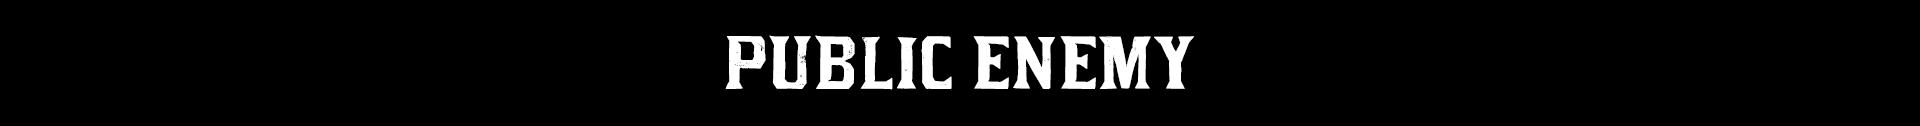 https://media.rockstargames.com/rockstargames-newsite/uploads/f0bacc90015a25b8915d3759a289db8f0c3f4c1b.png